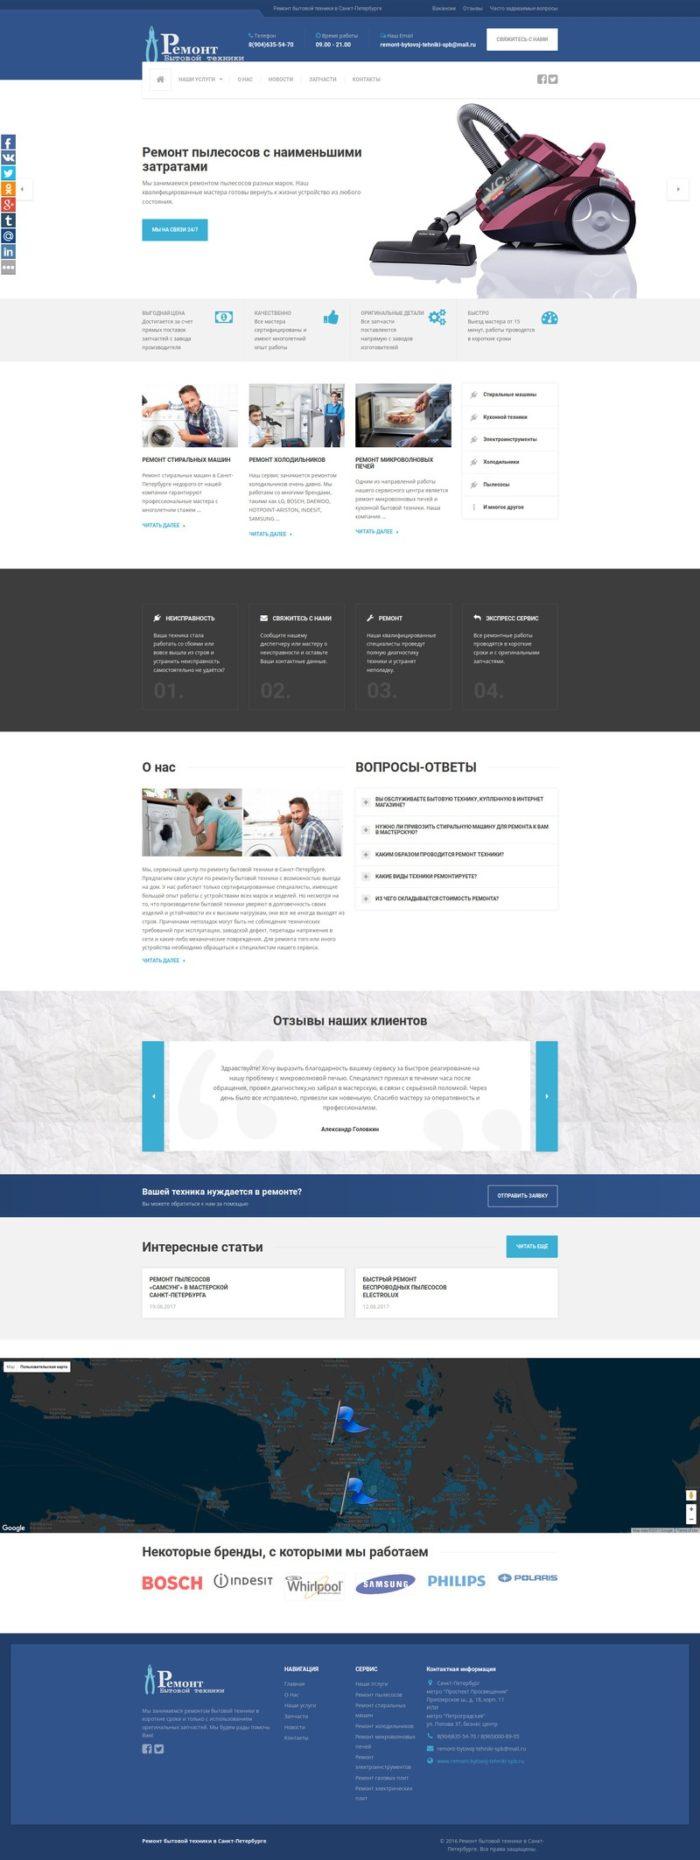 Сайт компании по ремонту бытовой техники с встроенным магазином запчастей